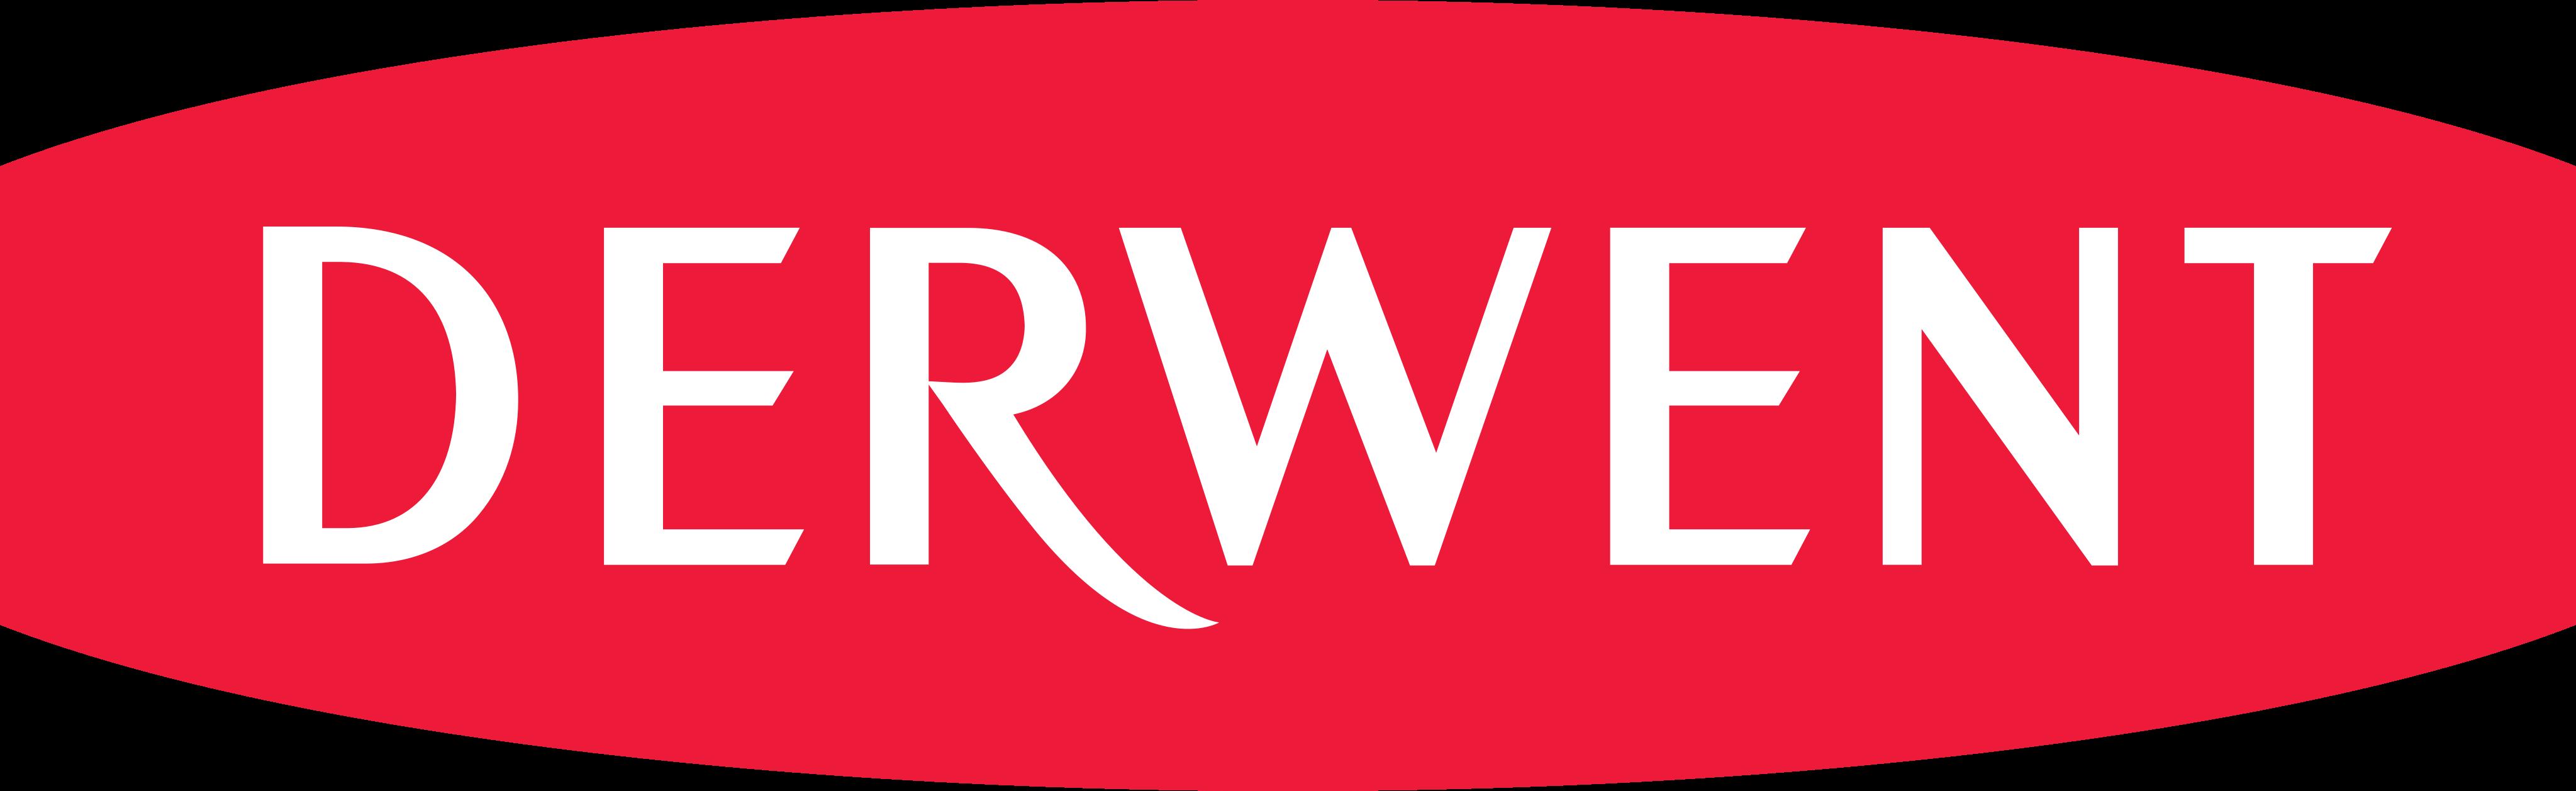 derwent logo - Derwent Logo